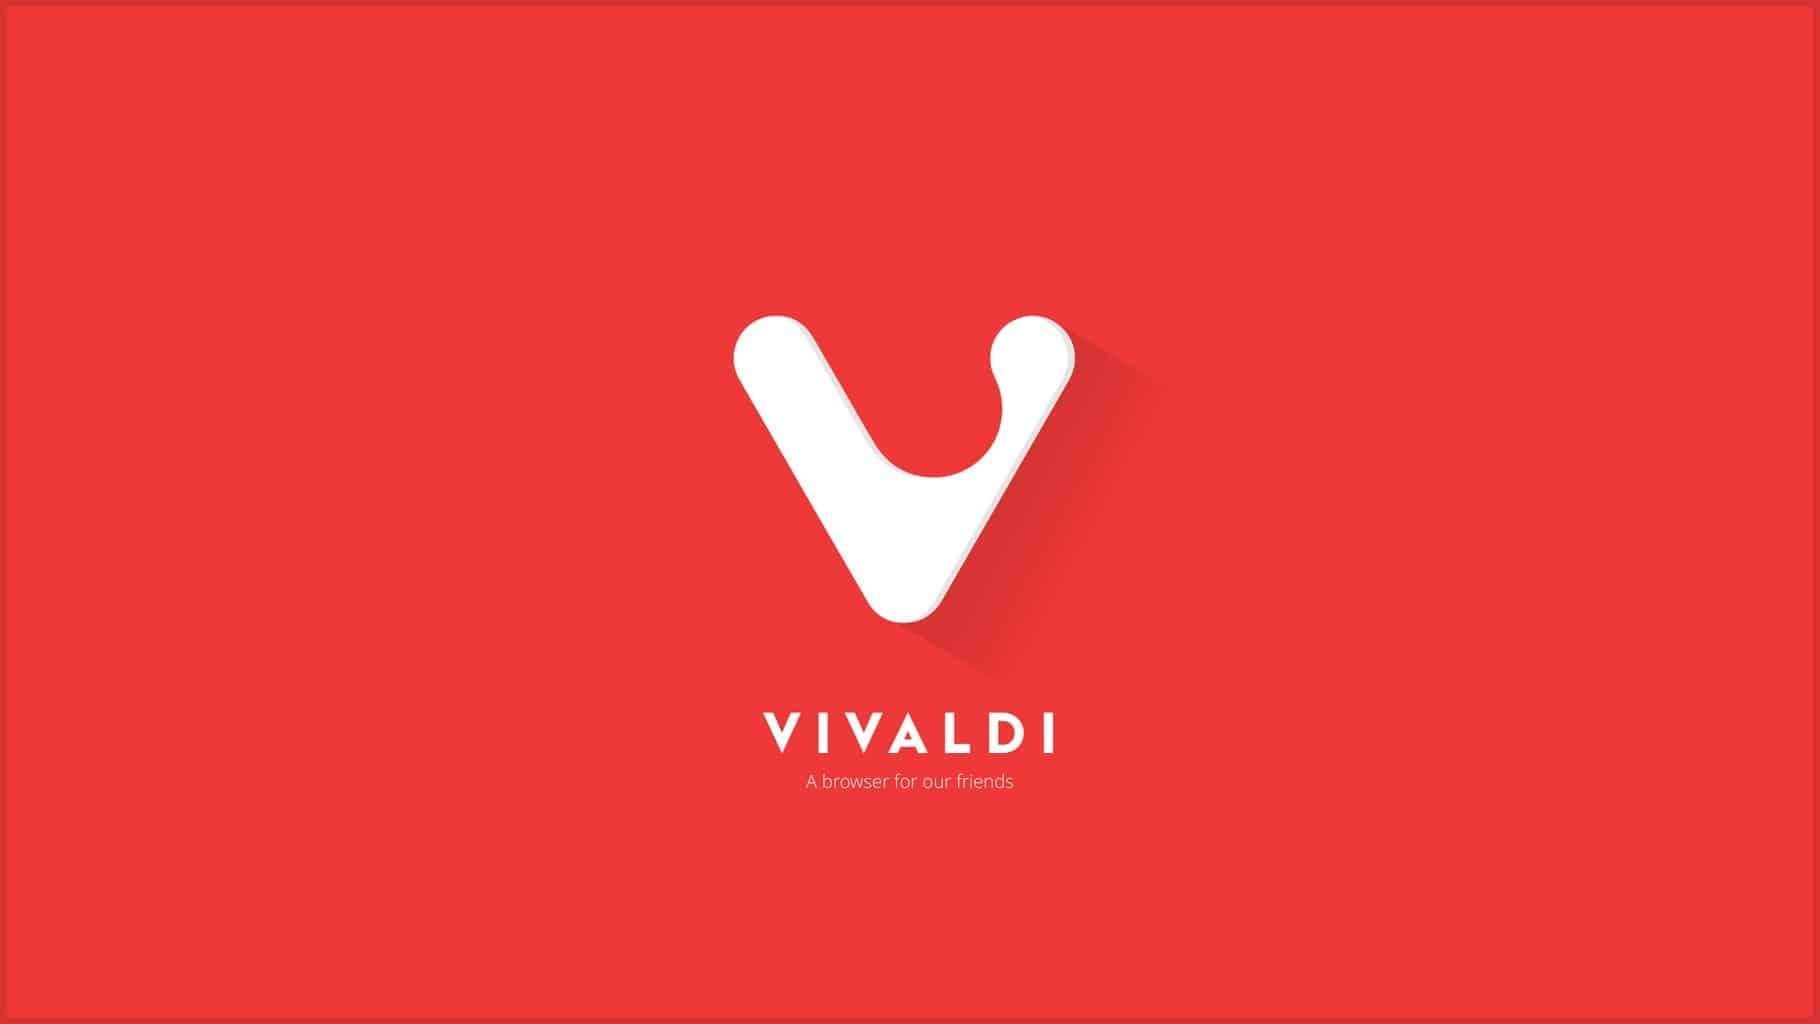 Vivaldi går sammen med DuckDuckGo for å beskytte brukernes personvern.